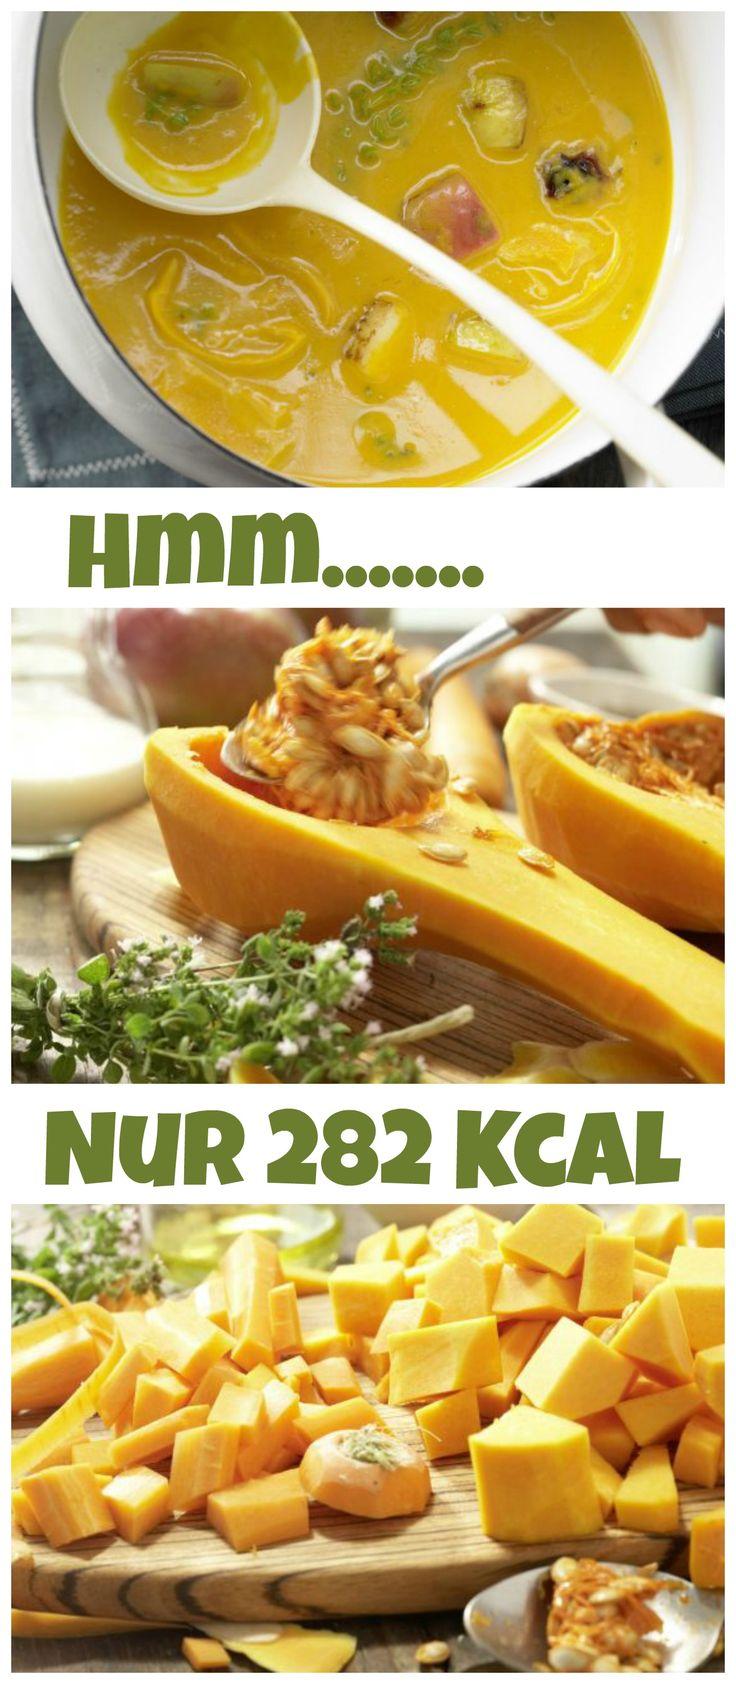 Löffel für Löffel ein sanft-sahniger, sättigender Genuss: Kürbis-Möhren-Suppe – smarter mit gebratenem Apfel und Cheddar-Käse |http://eatsmarter.de/rezepte/kuerbis-moehren-suppe-smarter